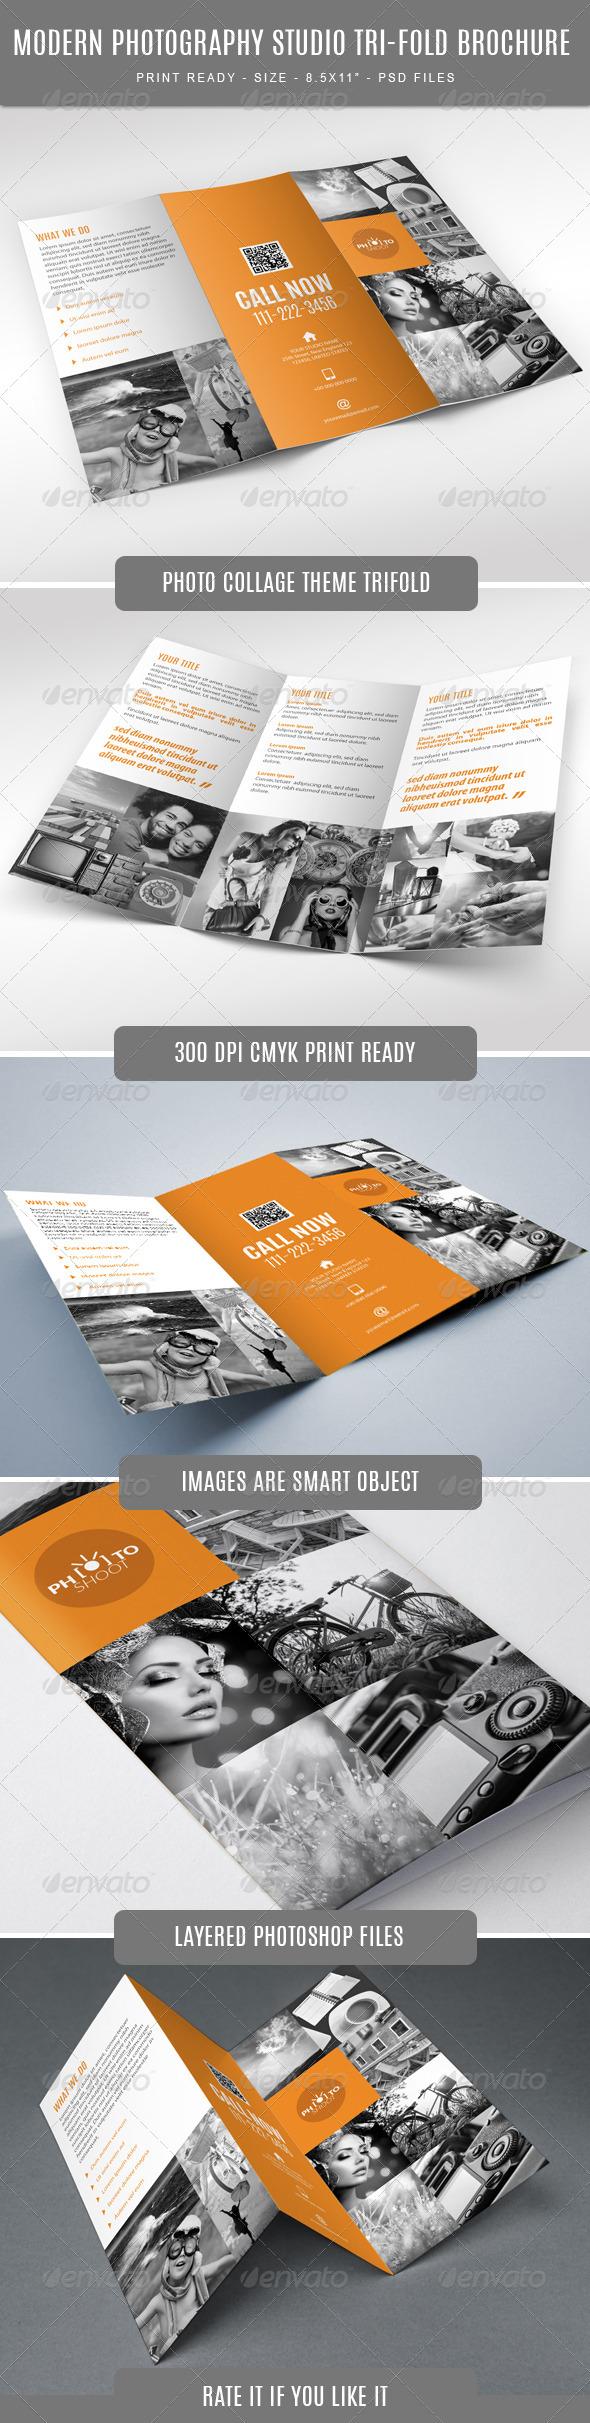 GraphicRiver Photography Studio Tri-Fold 7678747